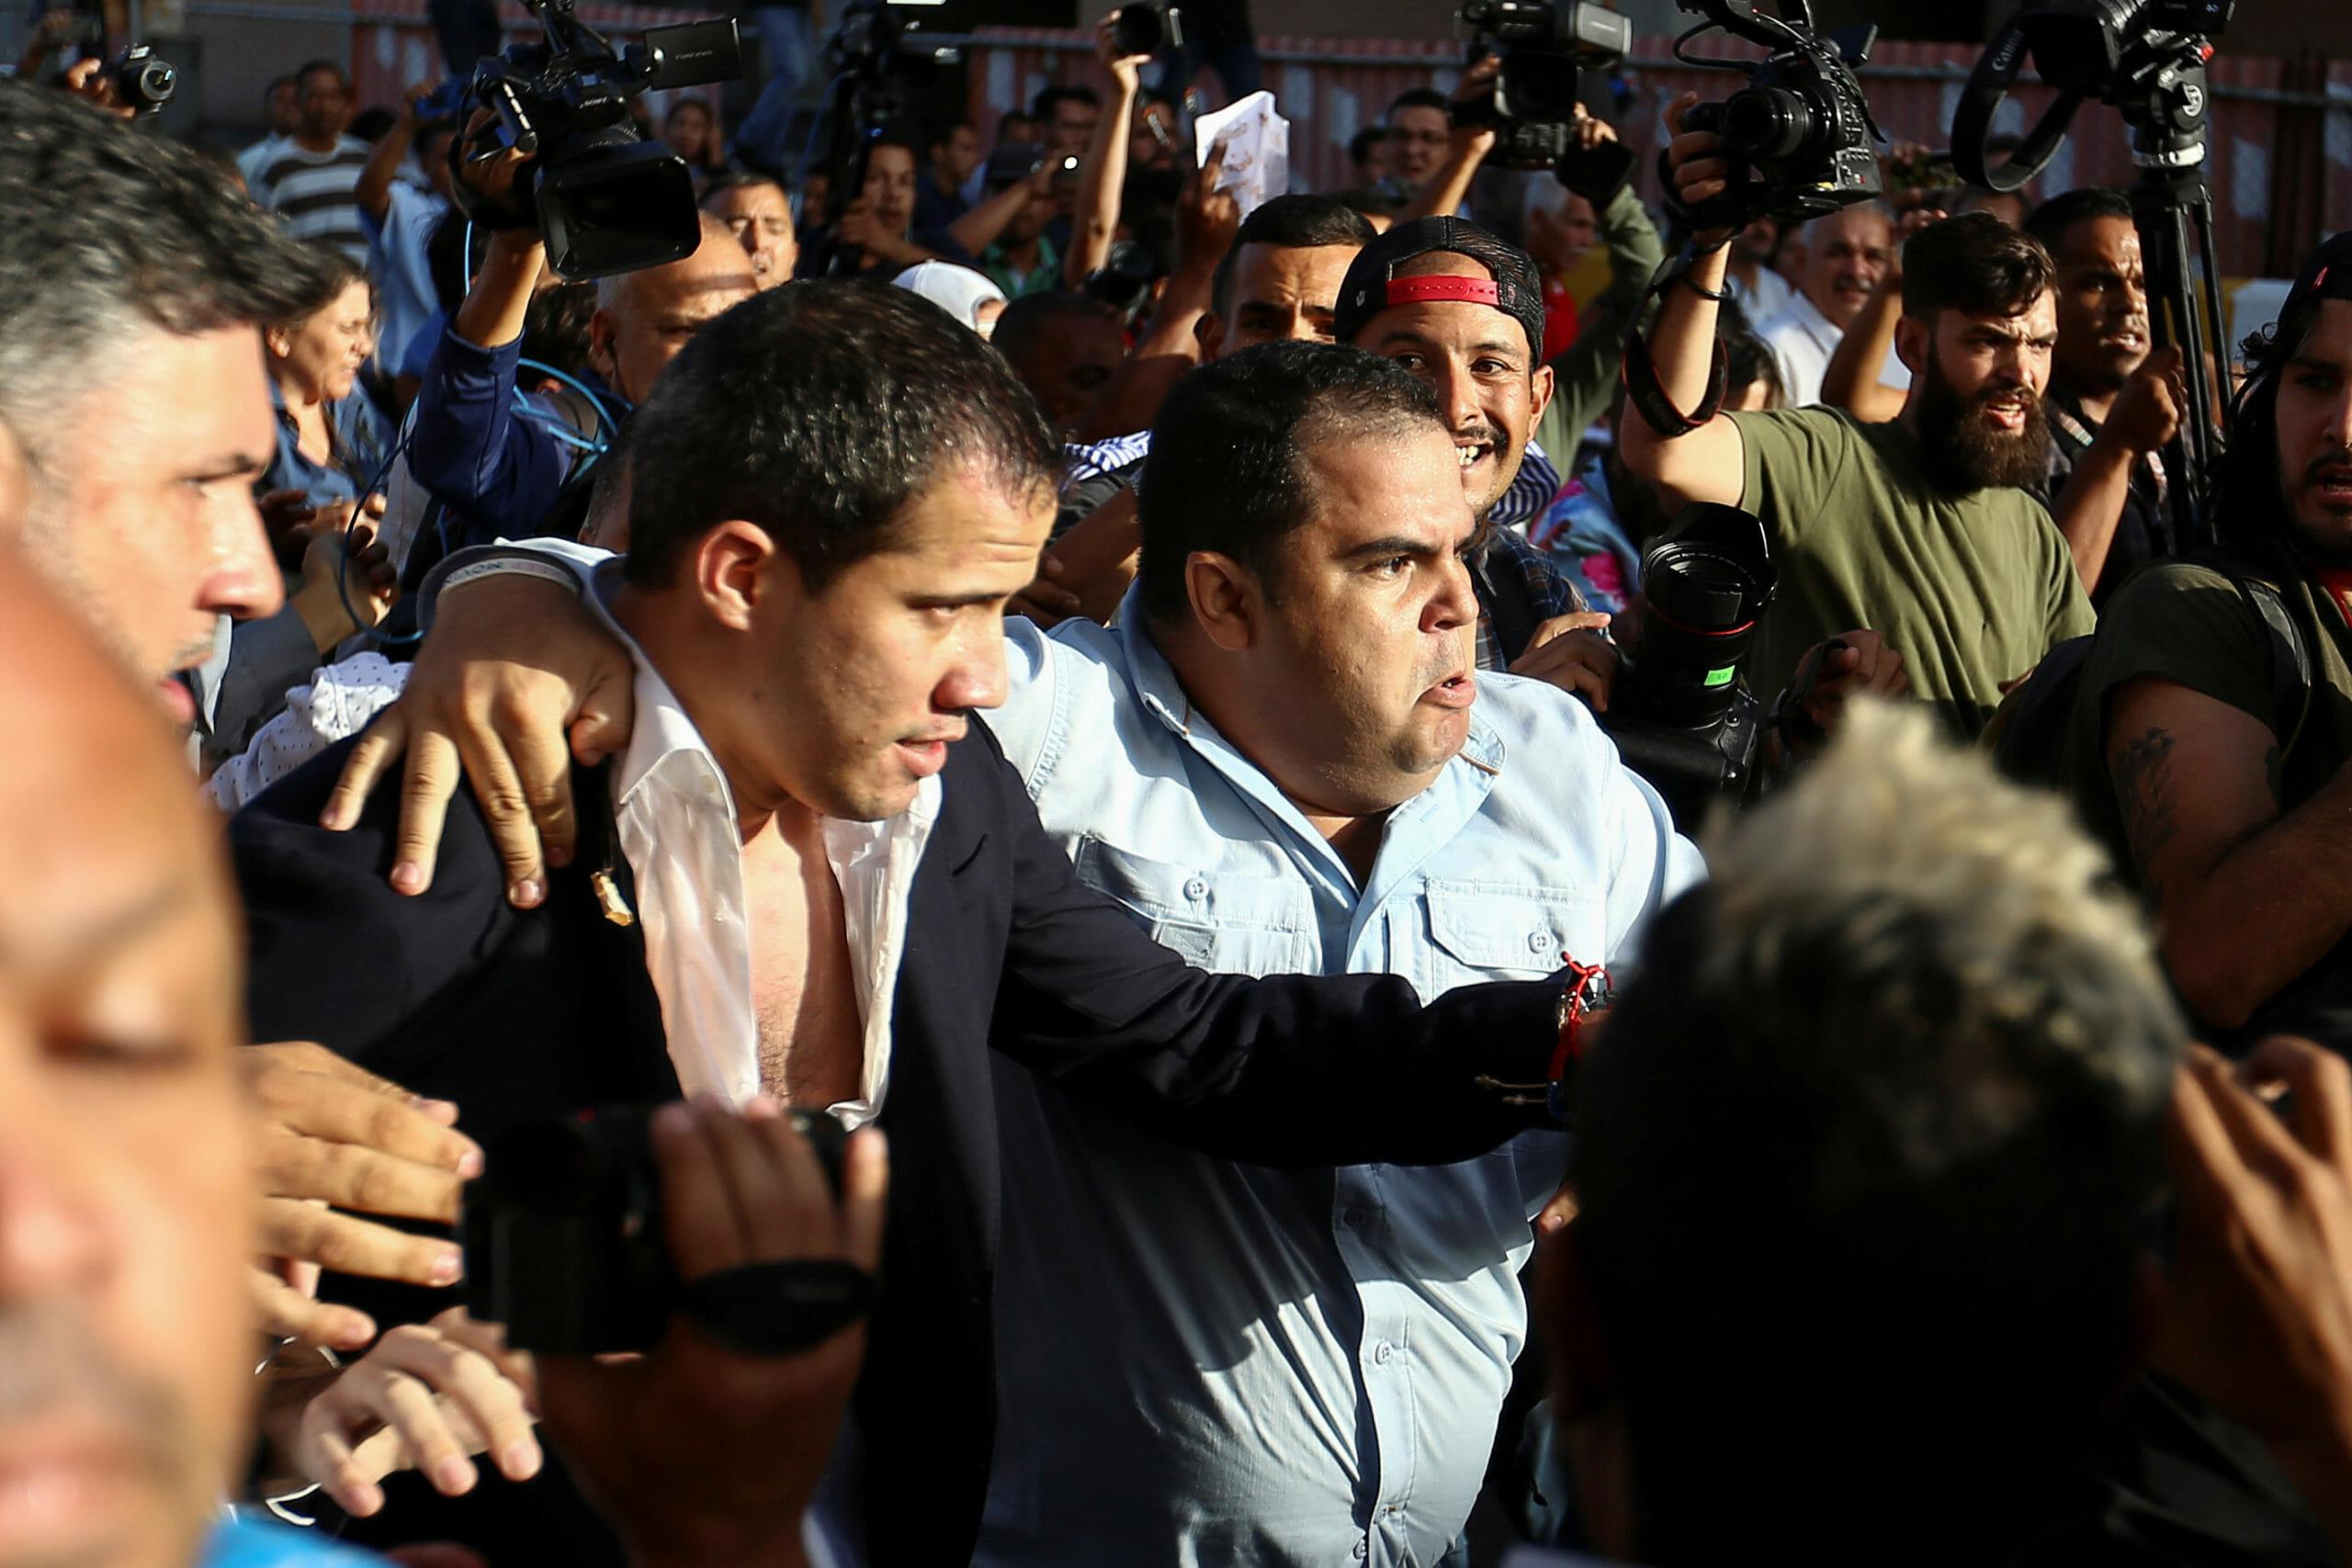 Άγρια επεισόδια και προπηλακισμός του Γκουαϊδό στο αεροδρόμιο της Βενεζουέλας